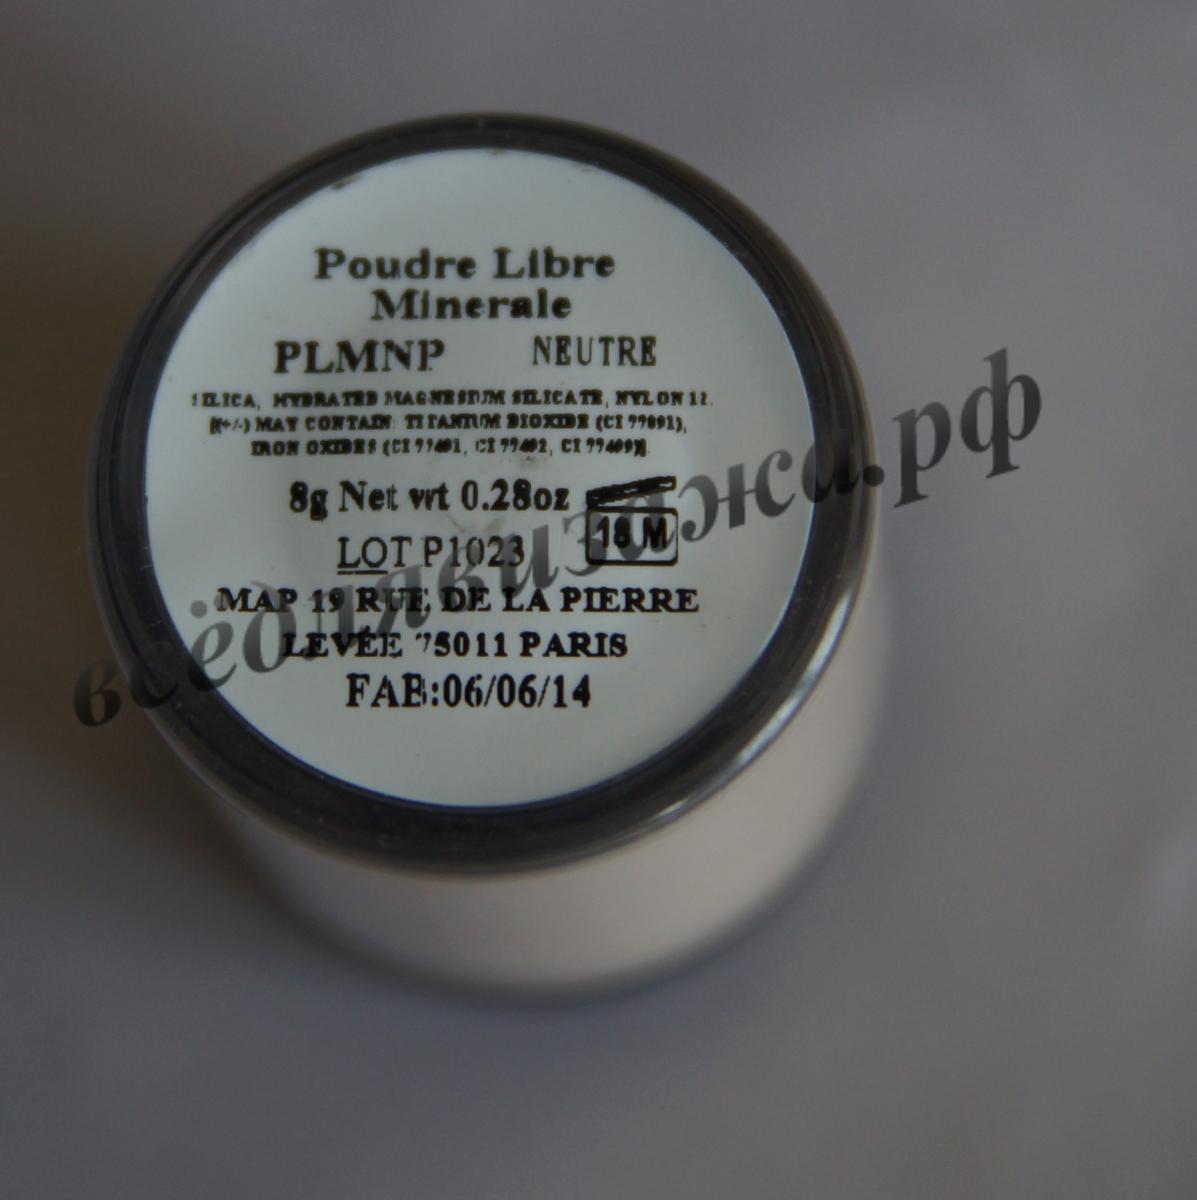 PLMNP Пудра рассыпчатая минеральная Make-up Atelier Paris натуральная.  8гр